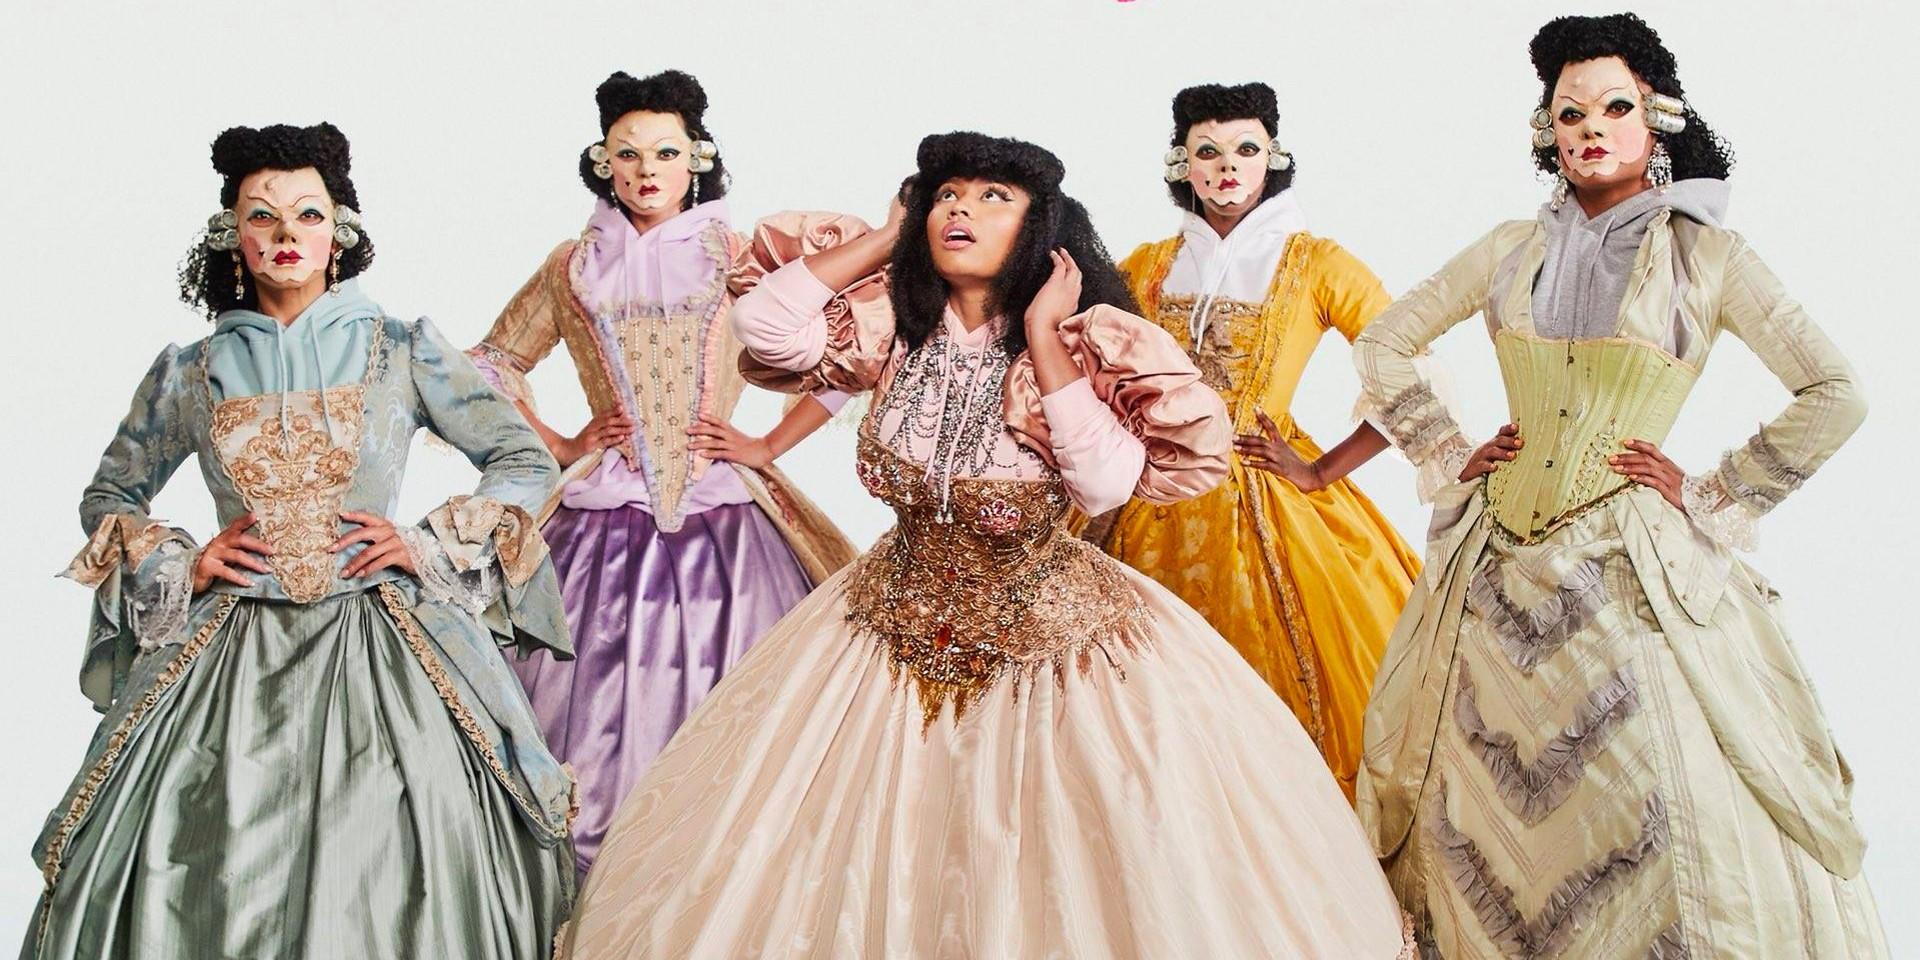 Nicki Minaj announces new album Queen out in June